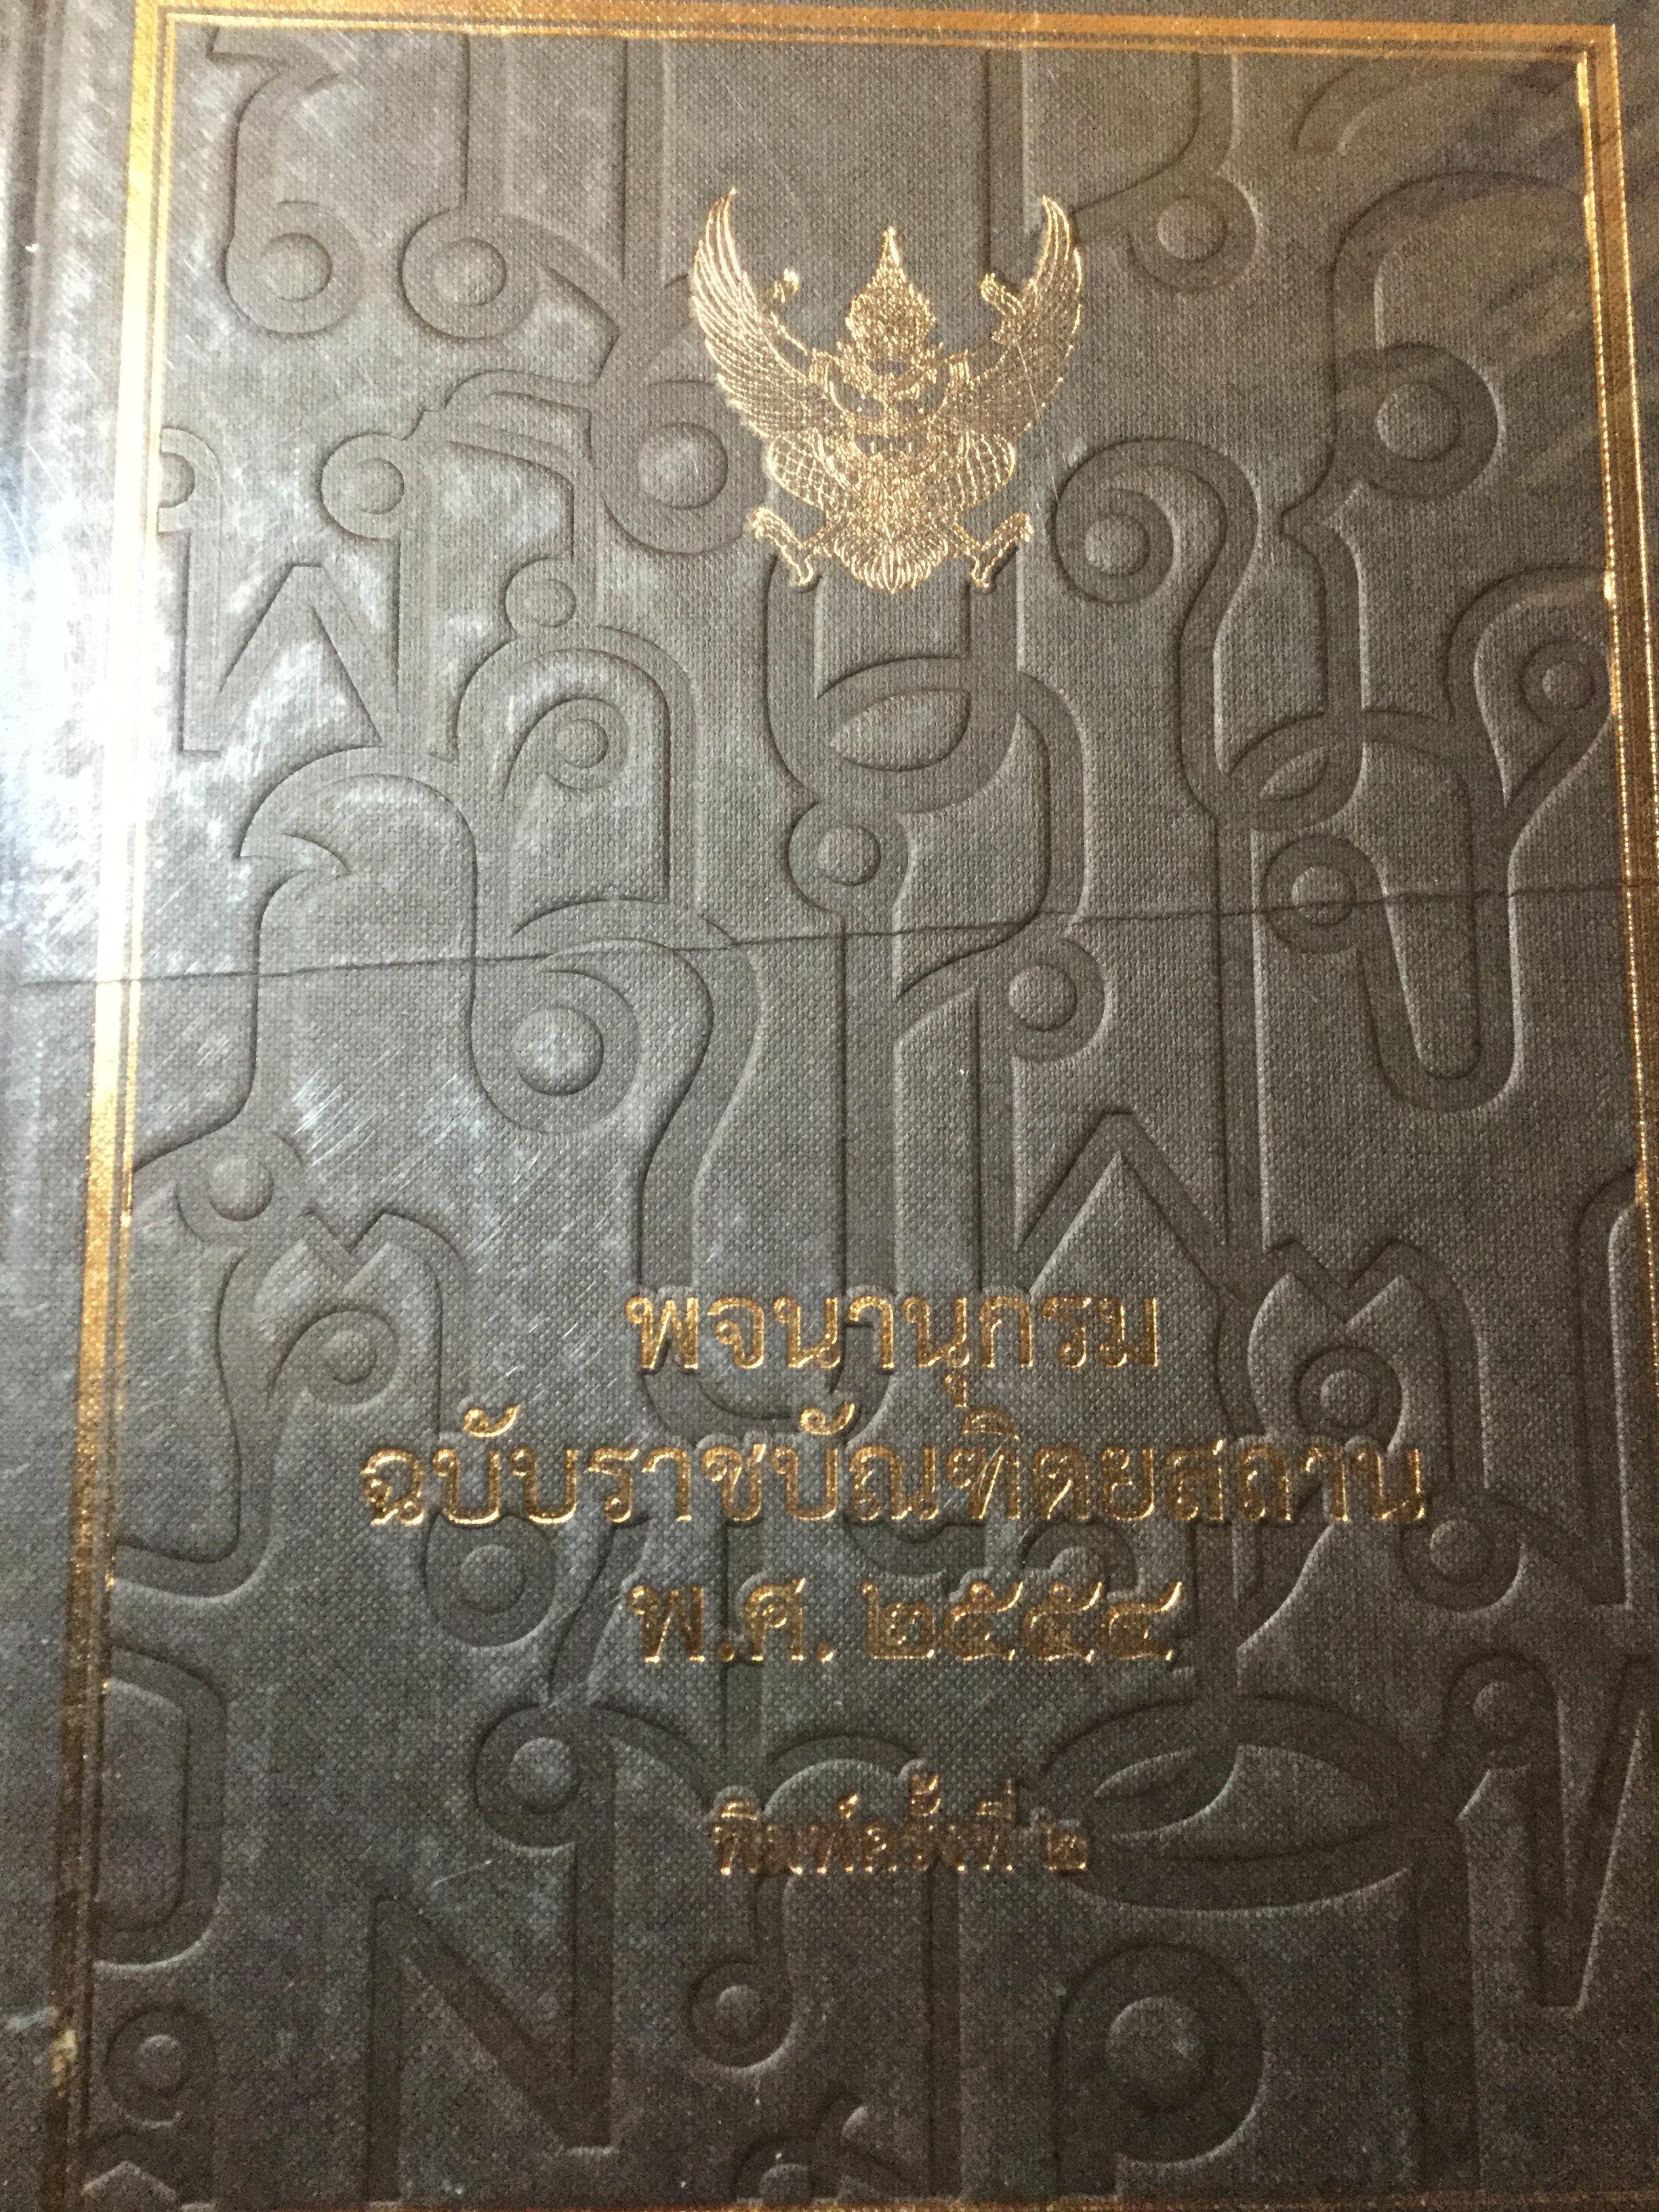 พจนานุกรม ฉบับราชบัณฑิตยสถาน พ.ศ.2554 พิมพ์ครั้งที่ 2 ลิขสิทธิ์ 2556 : ราชบัณฑิตยสถาน